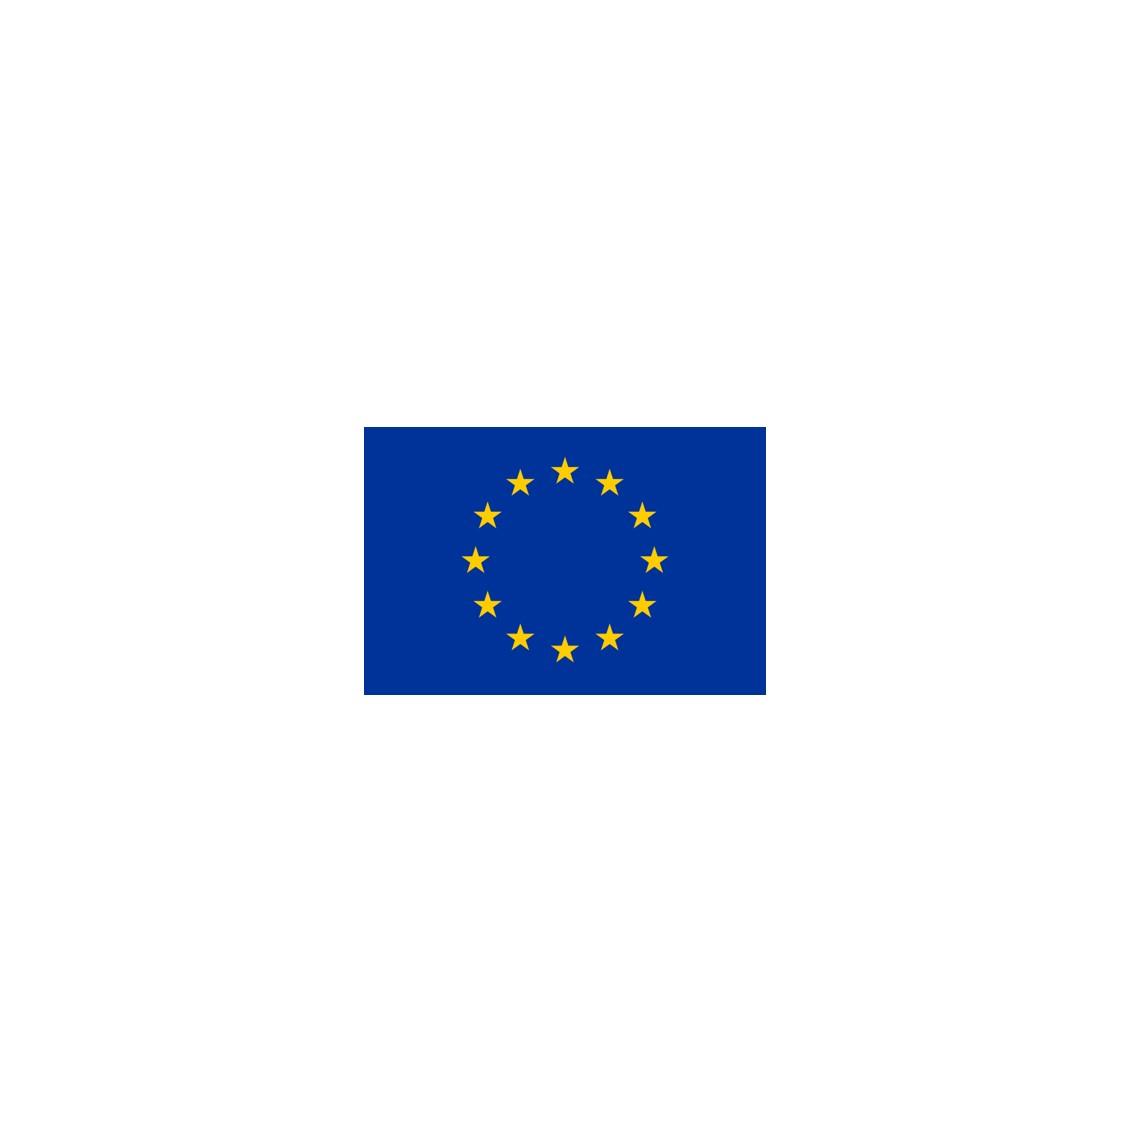 CS_RI_27_2_EU-q(4).jpg